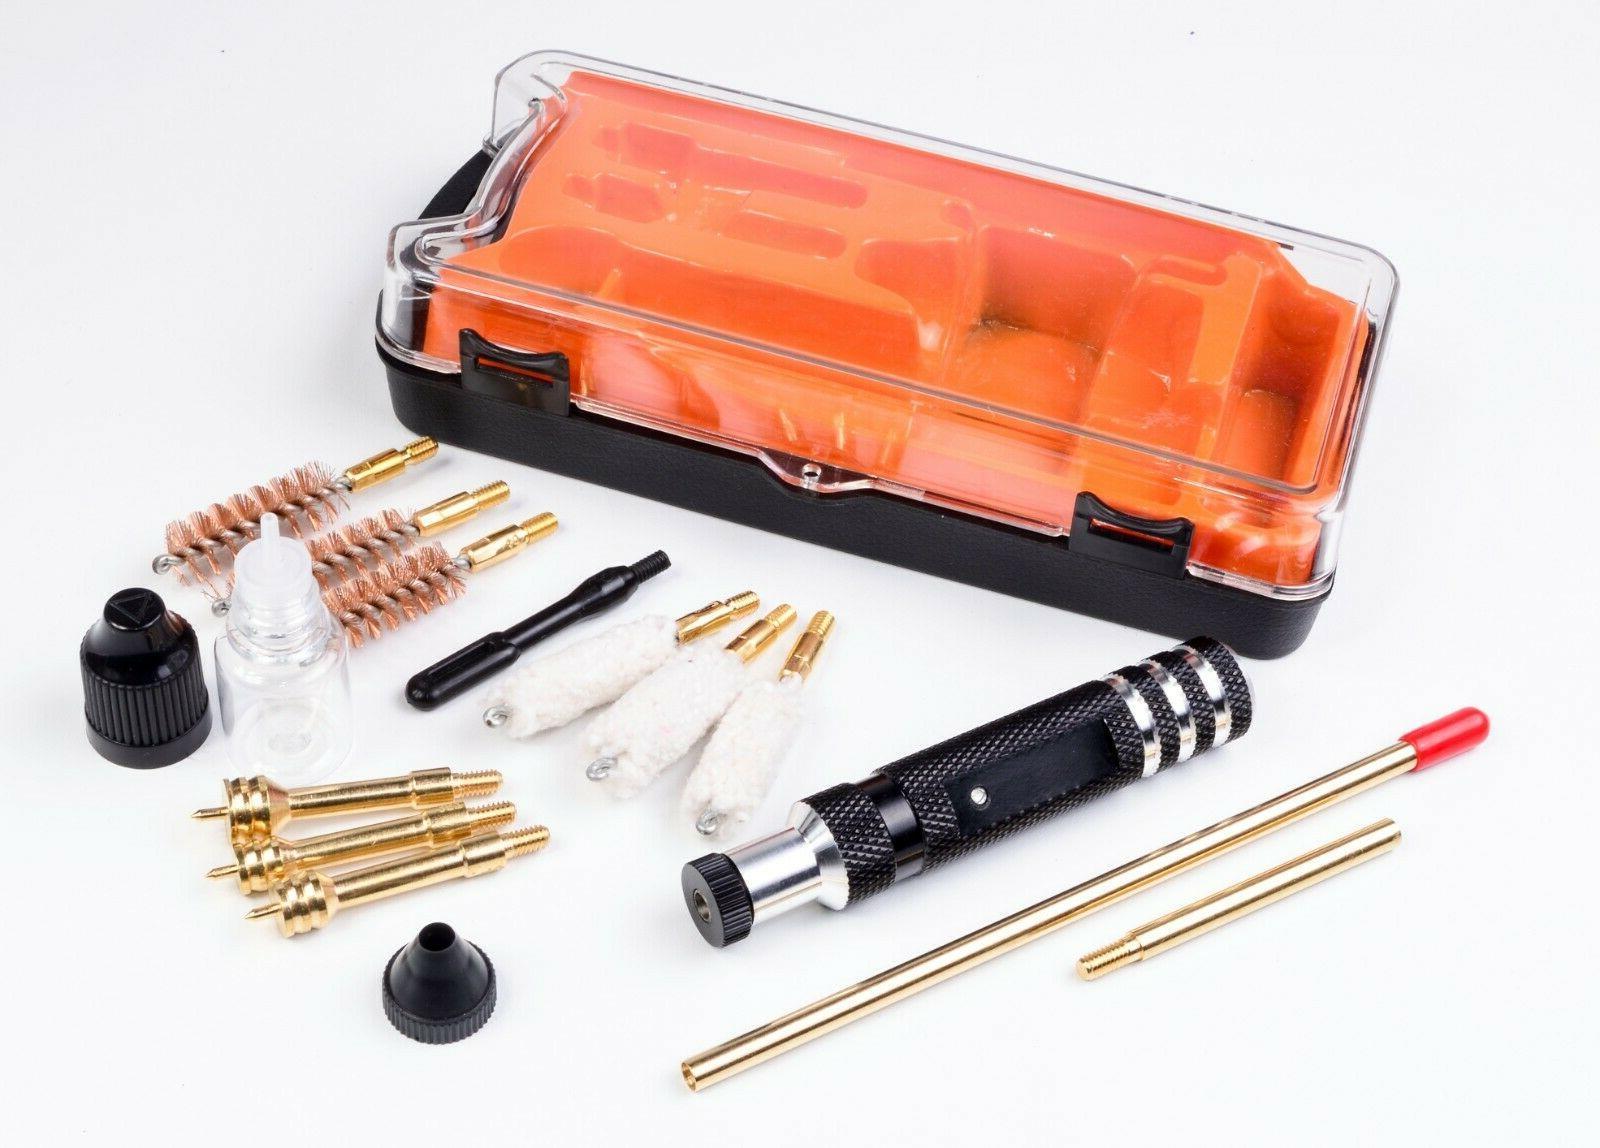 Pistol Handgun Kit 380 S&W Auto